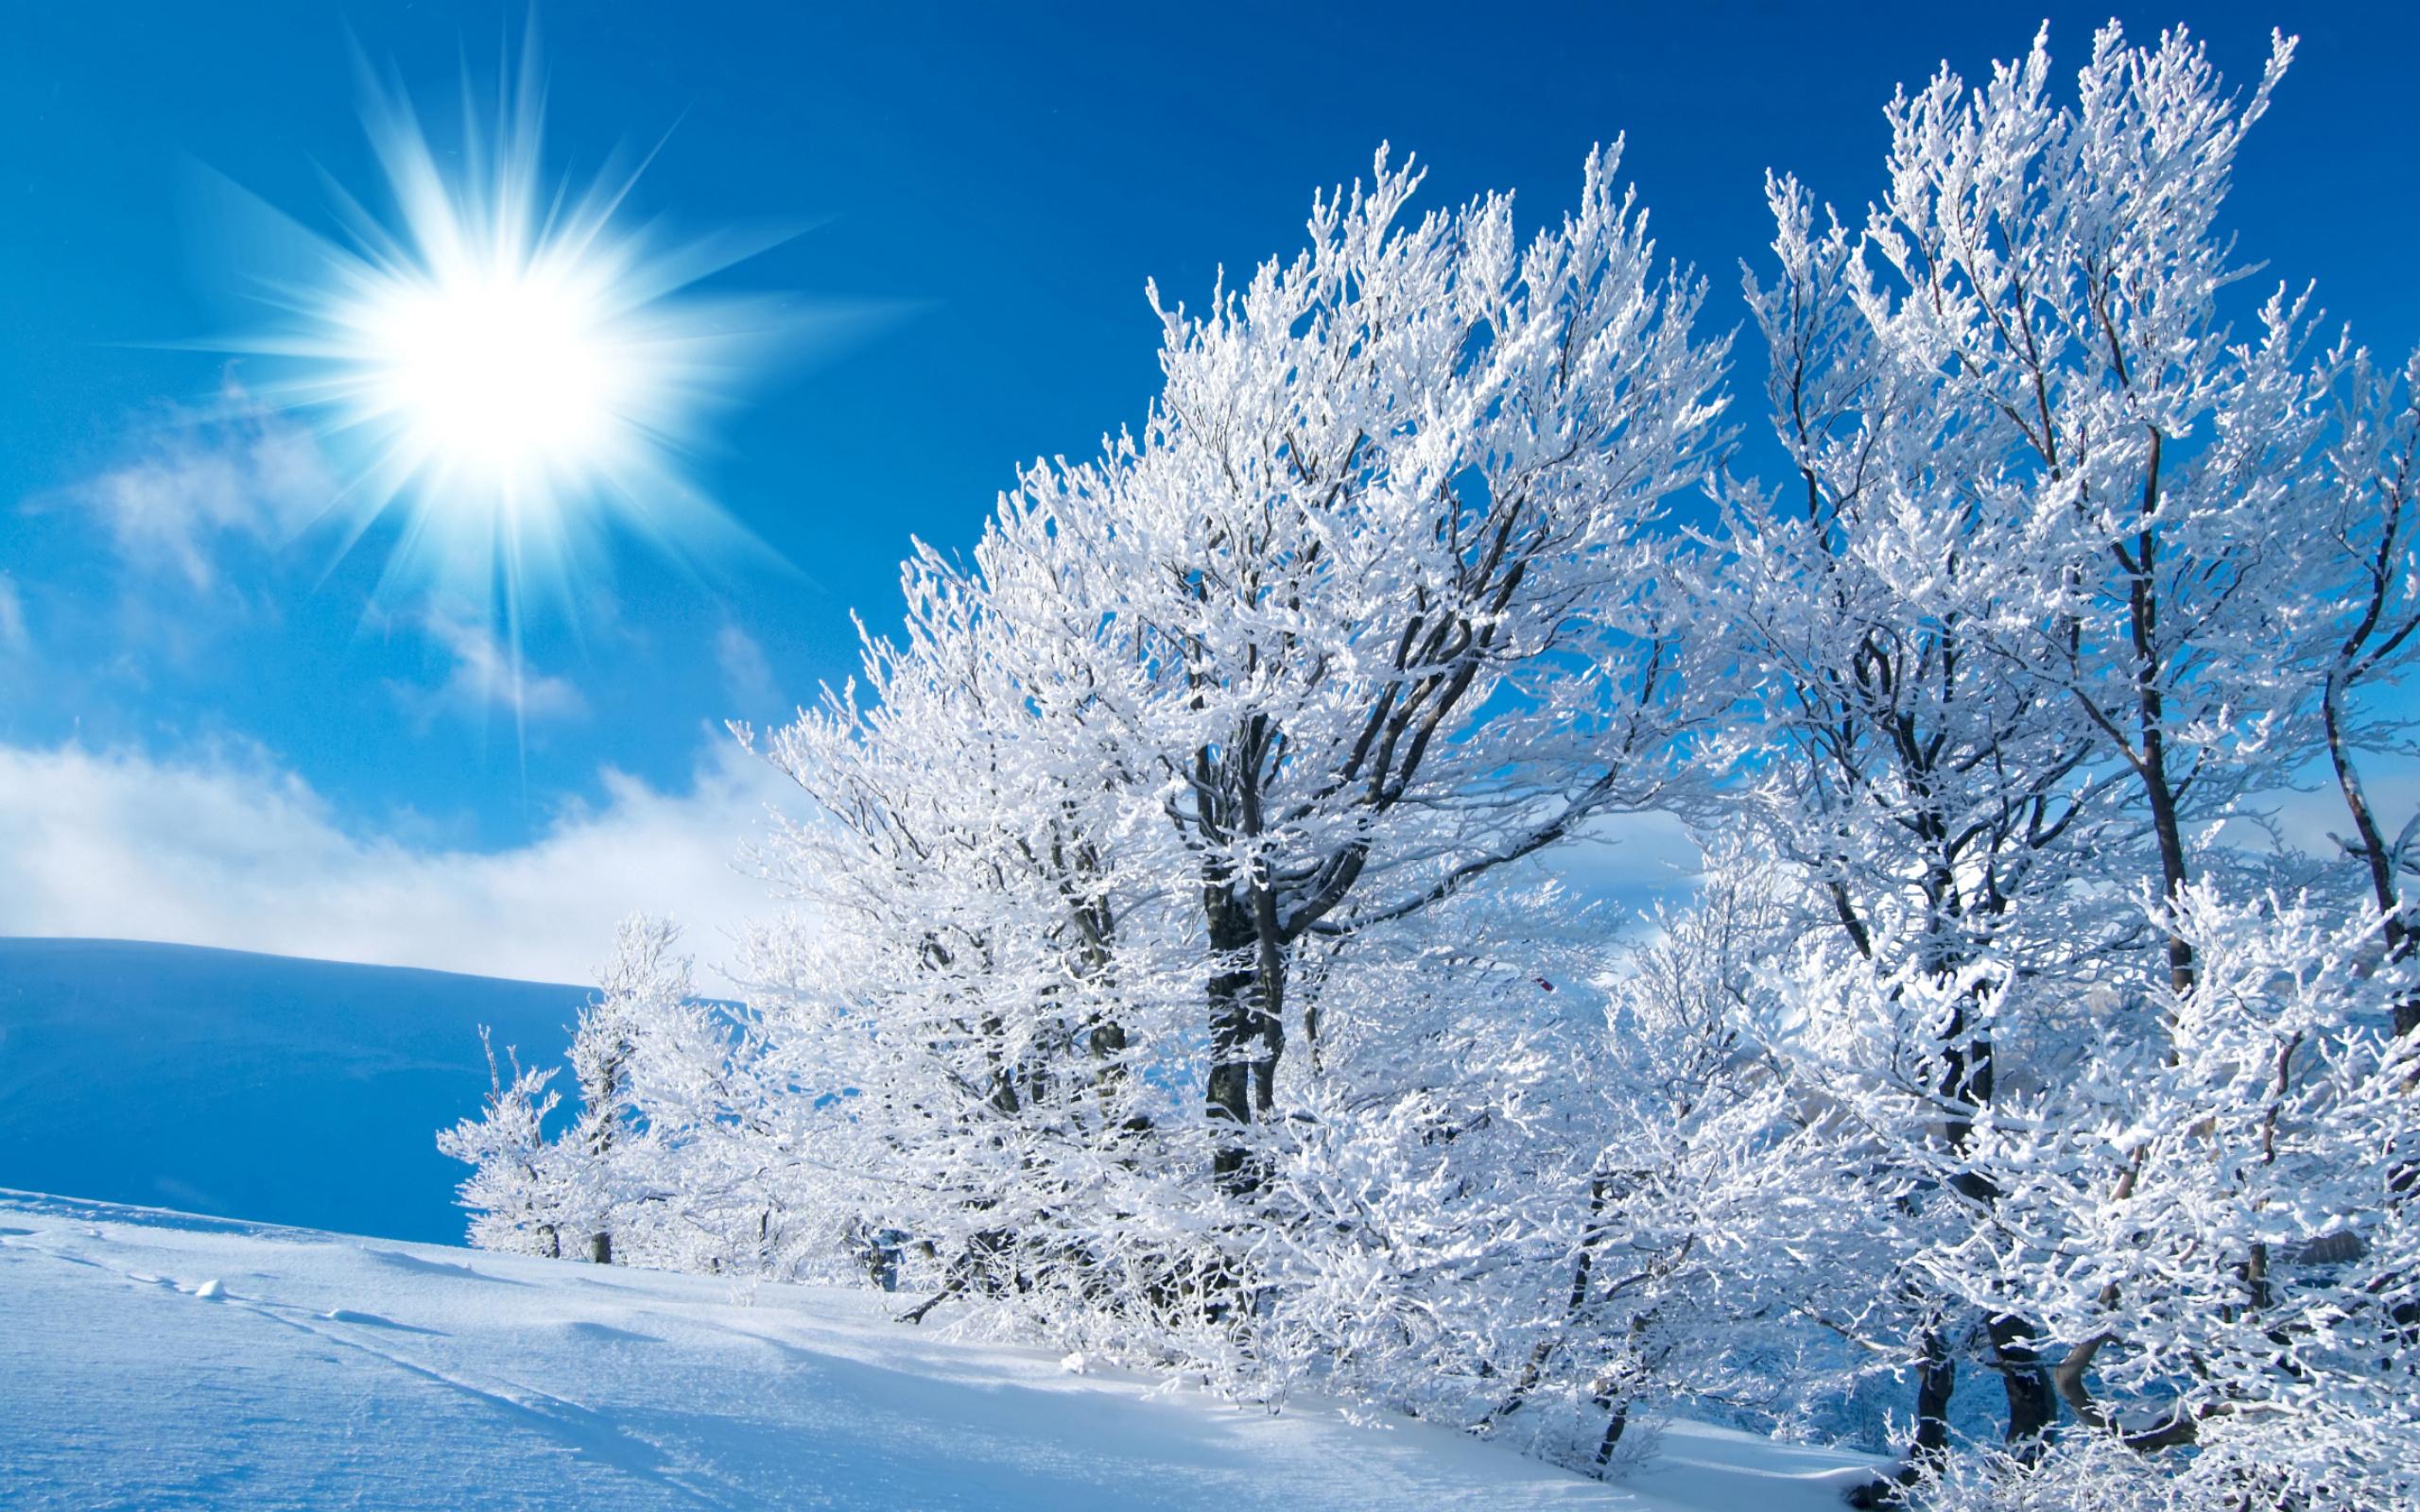 зимние картинки высокое качество делать, если потеряли